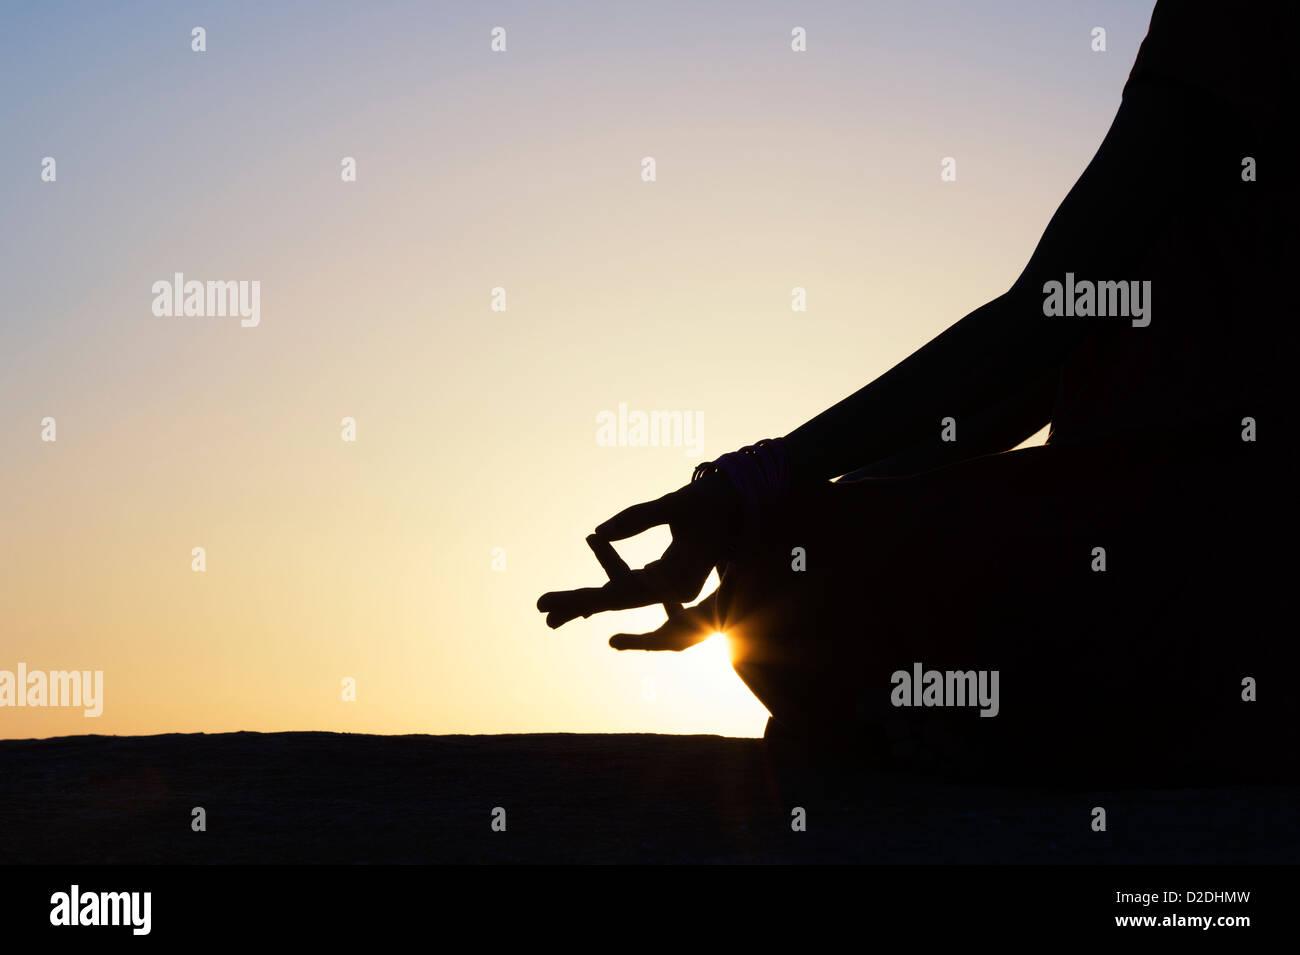 Sonnenuntergang Silhouette eines indischen Mädchen meditieren. Andhra Pradesh, Indien Stockbild